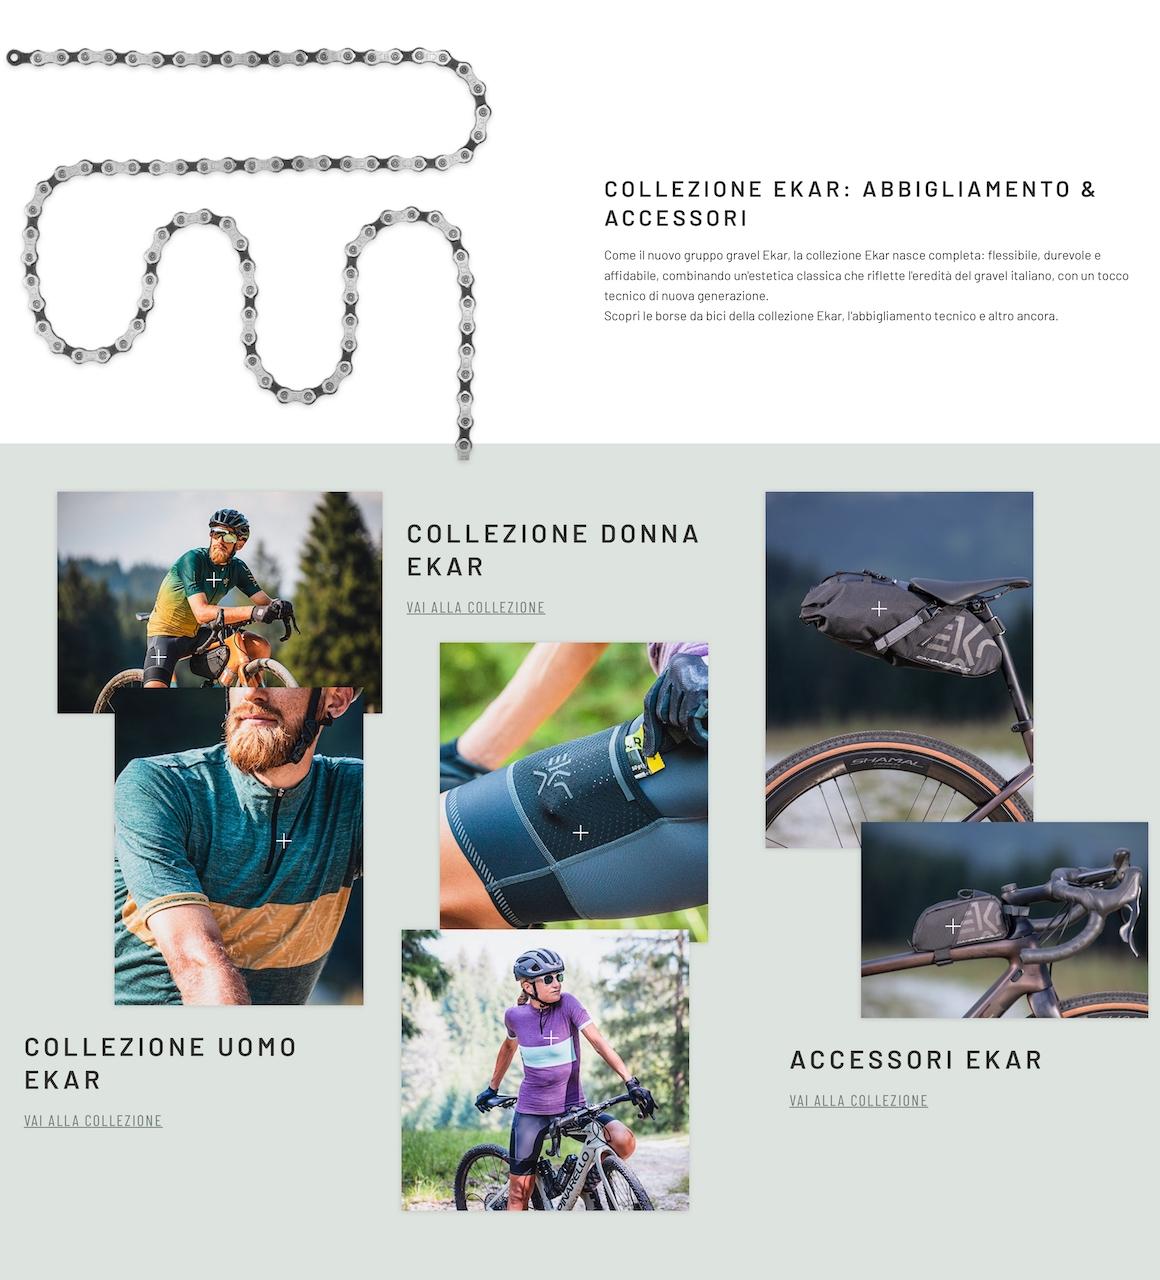 La sezione della landing page di Campagnolo dedicata all'abbigliamento e agli accessori marchiati Ekar